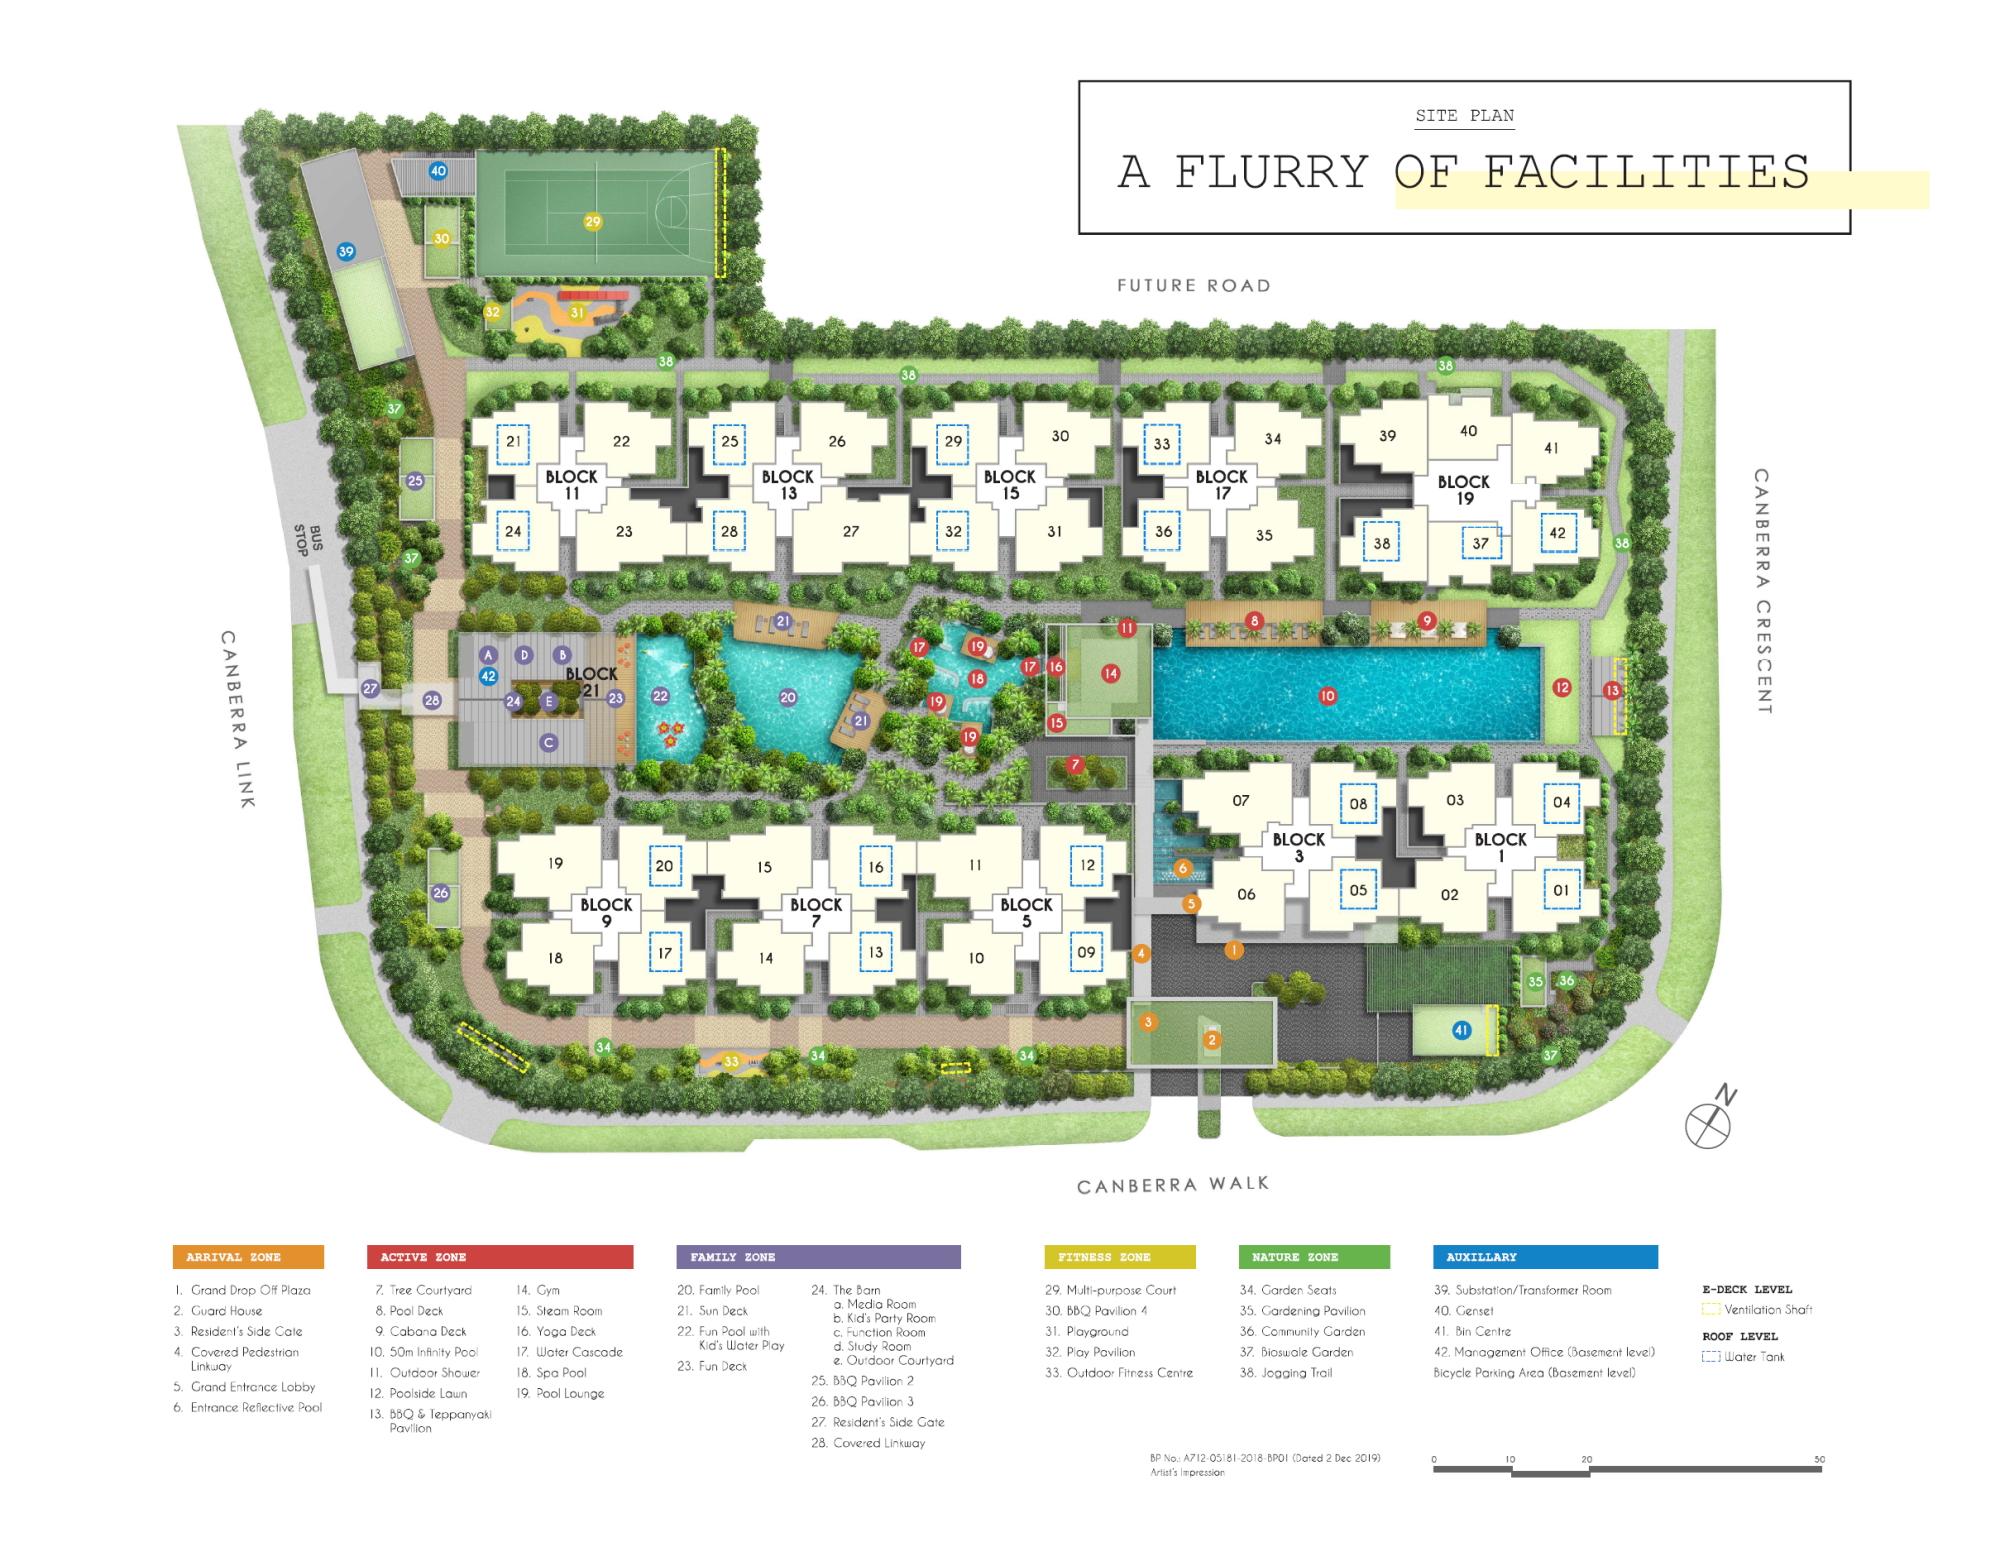 Parc Canberra Site Plan